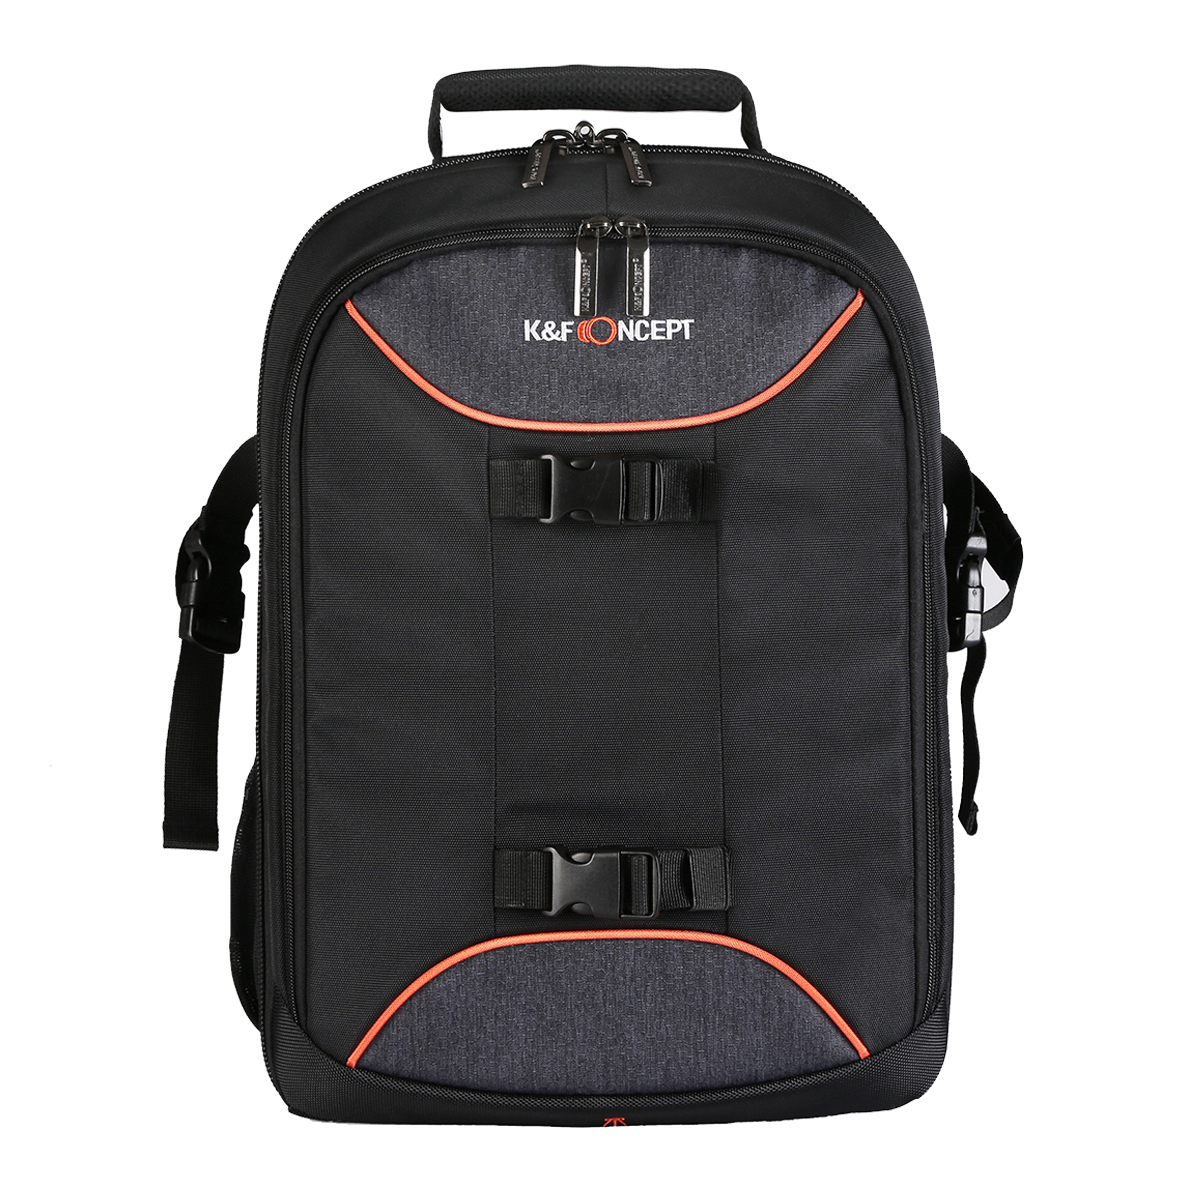 K&F Concept カメラバックパック KF-B051L Lサイズ